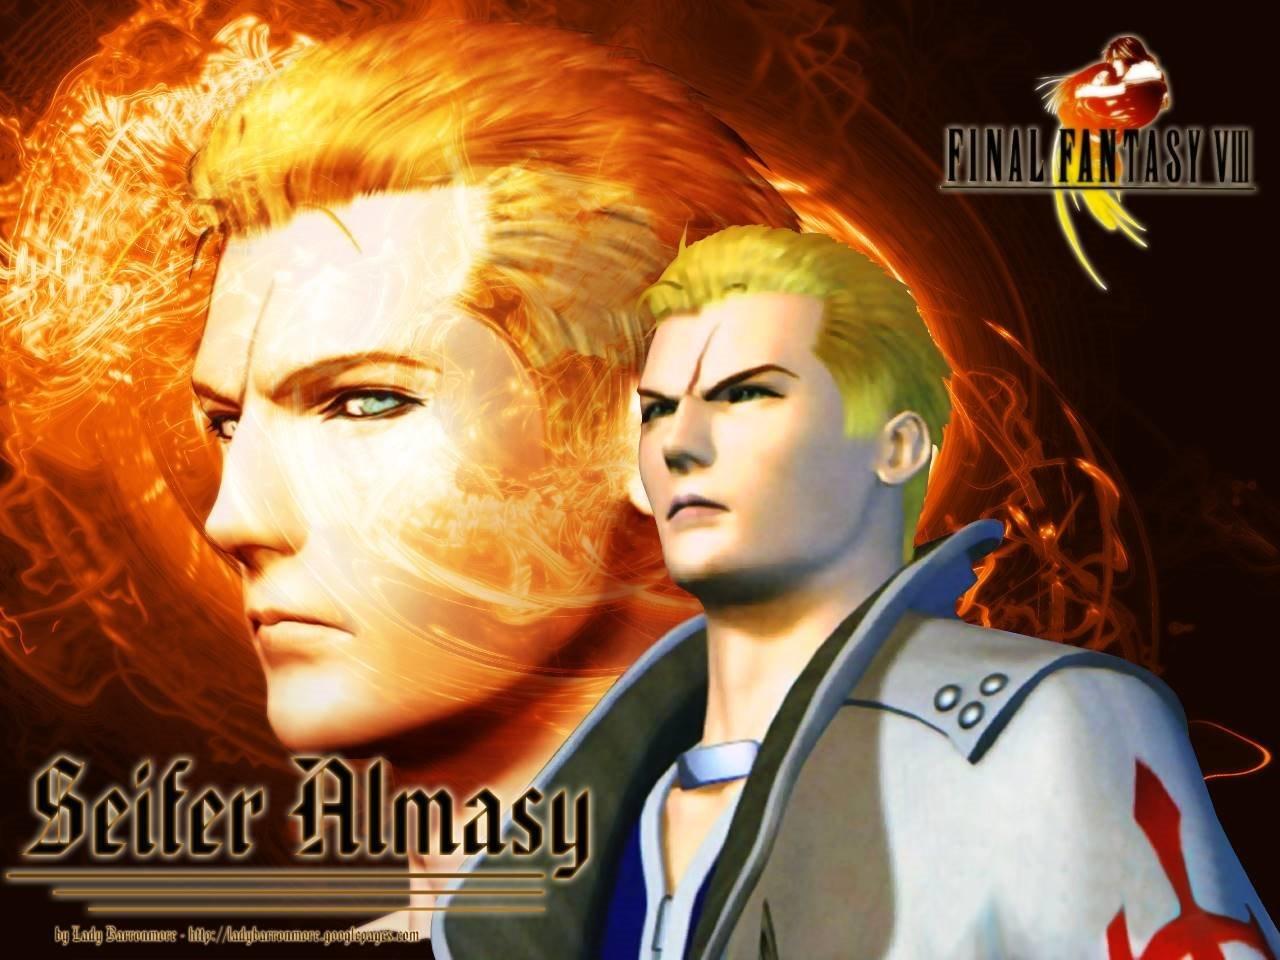 http://onlyhdwallpapers.com/wallpaper/video_games_final_fantasy_viii_desktop_1280x960_wallpaper-278957.jpg